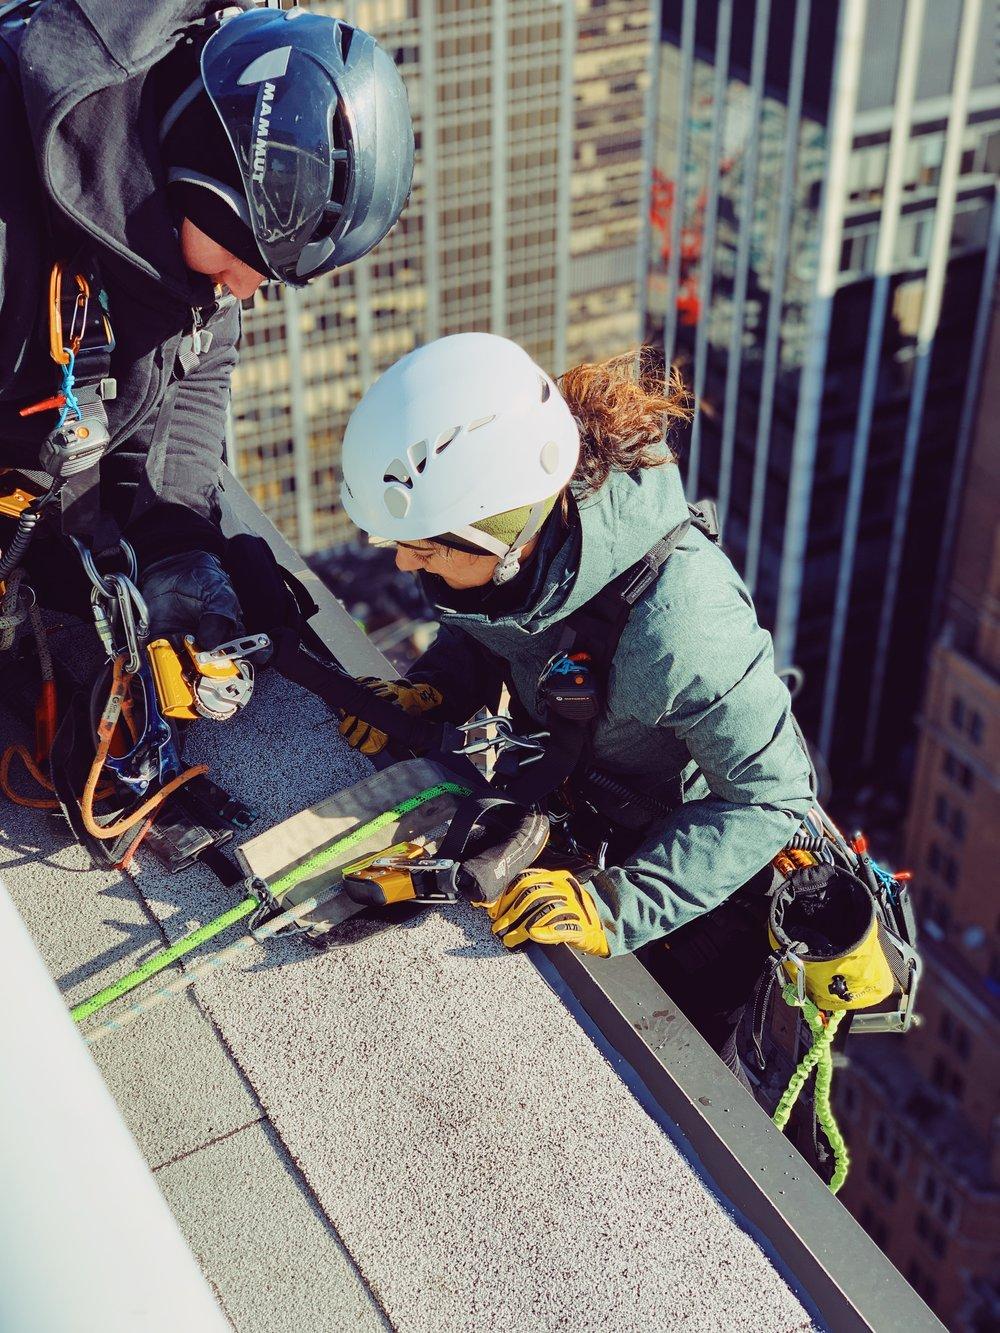 Elyse on rope in Manhattan.